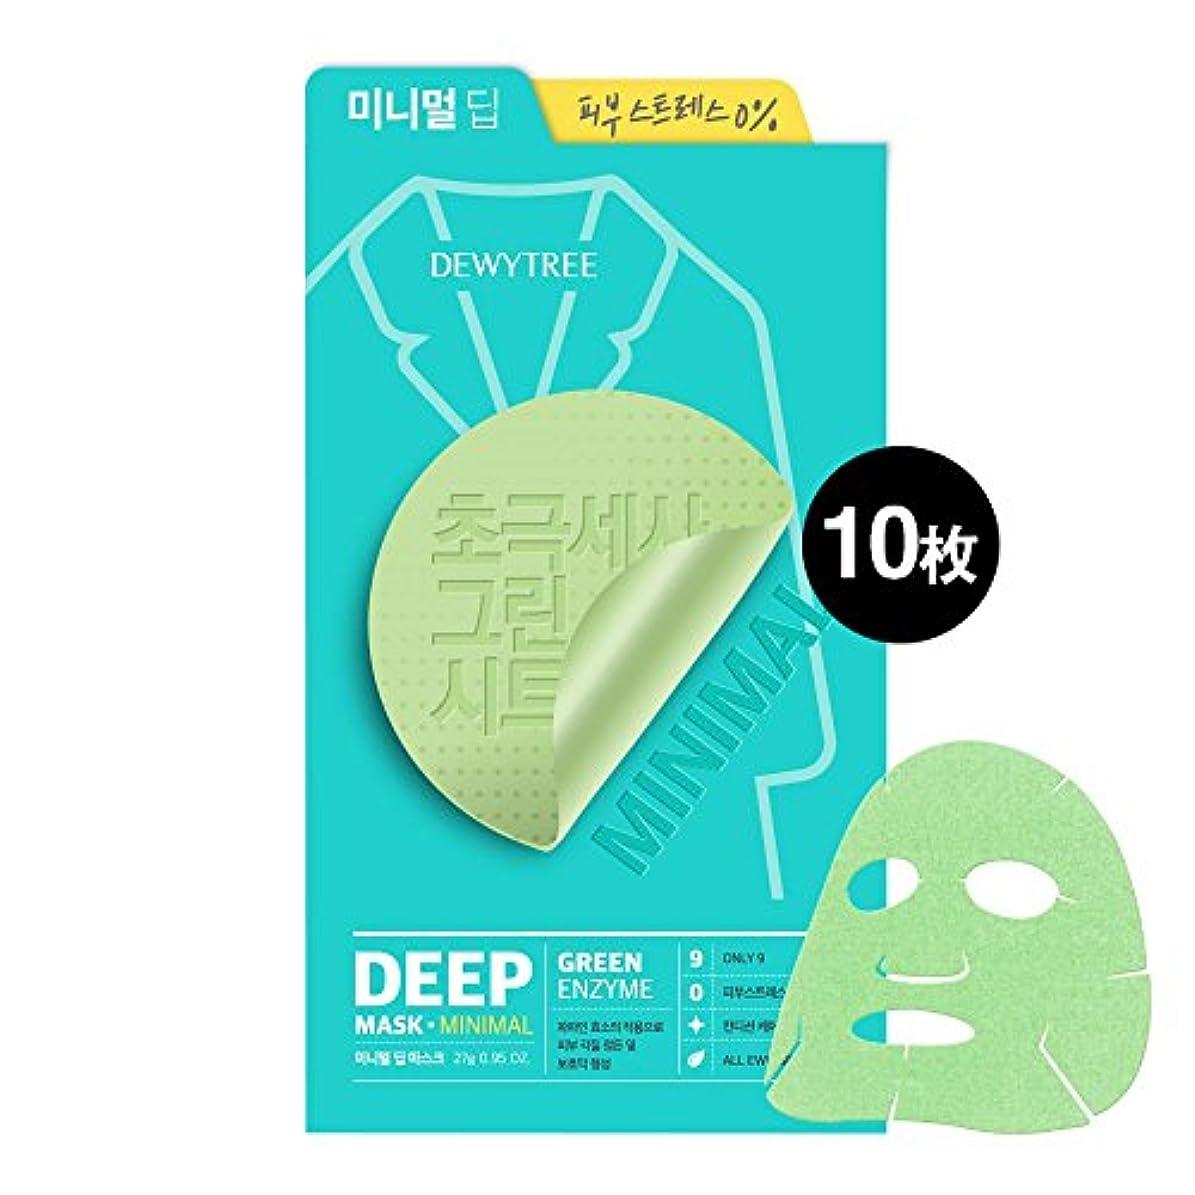 バイオリニスト議会時系列(デューイトゥリー) DEWYTREE ミニマルディープマスク 10枚 Minimal Deep Mask 韓国マスクパック (並行輸入品)